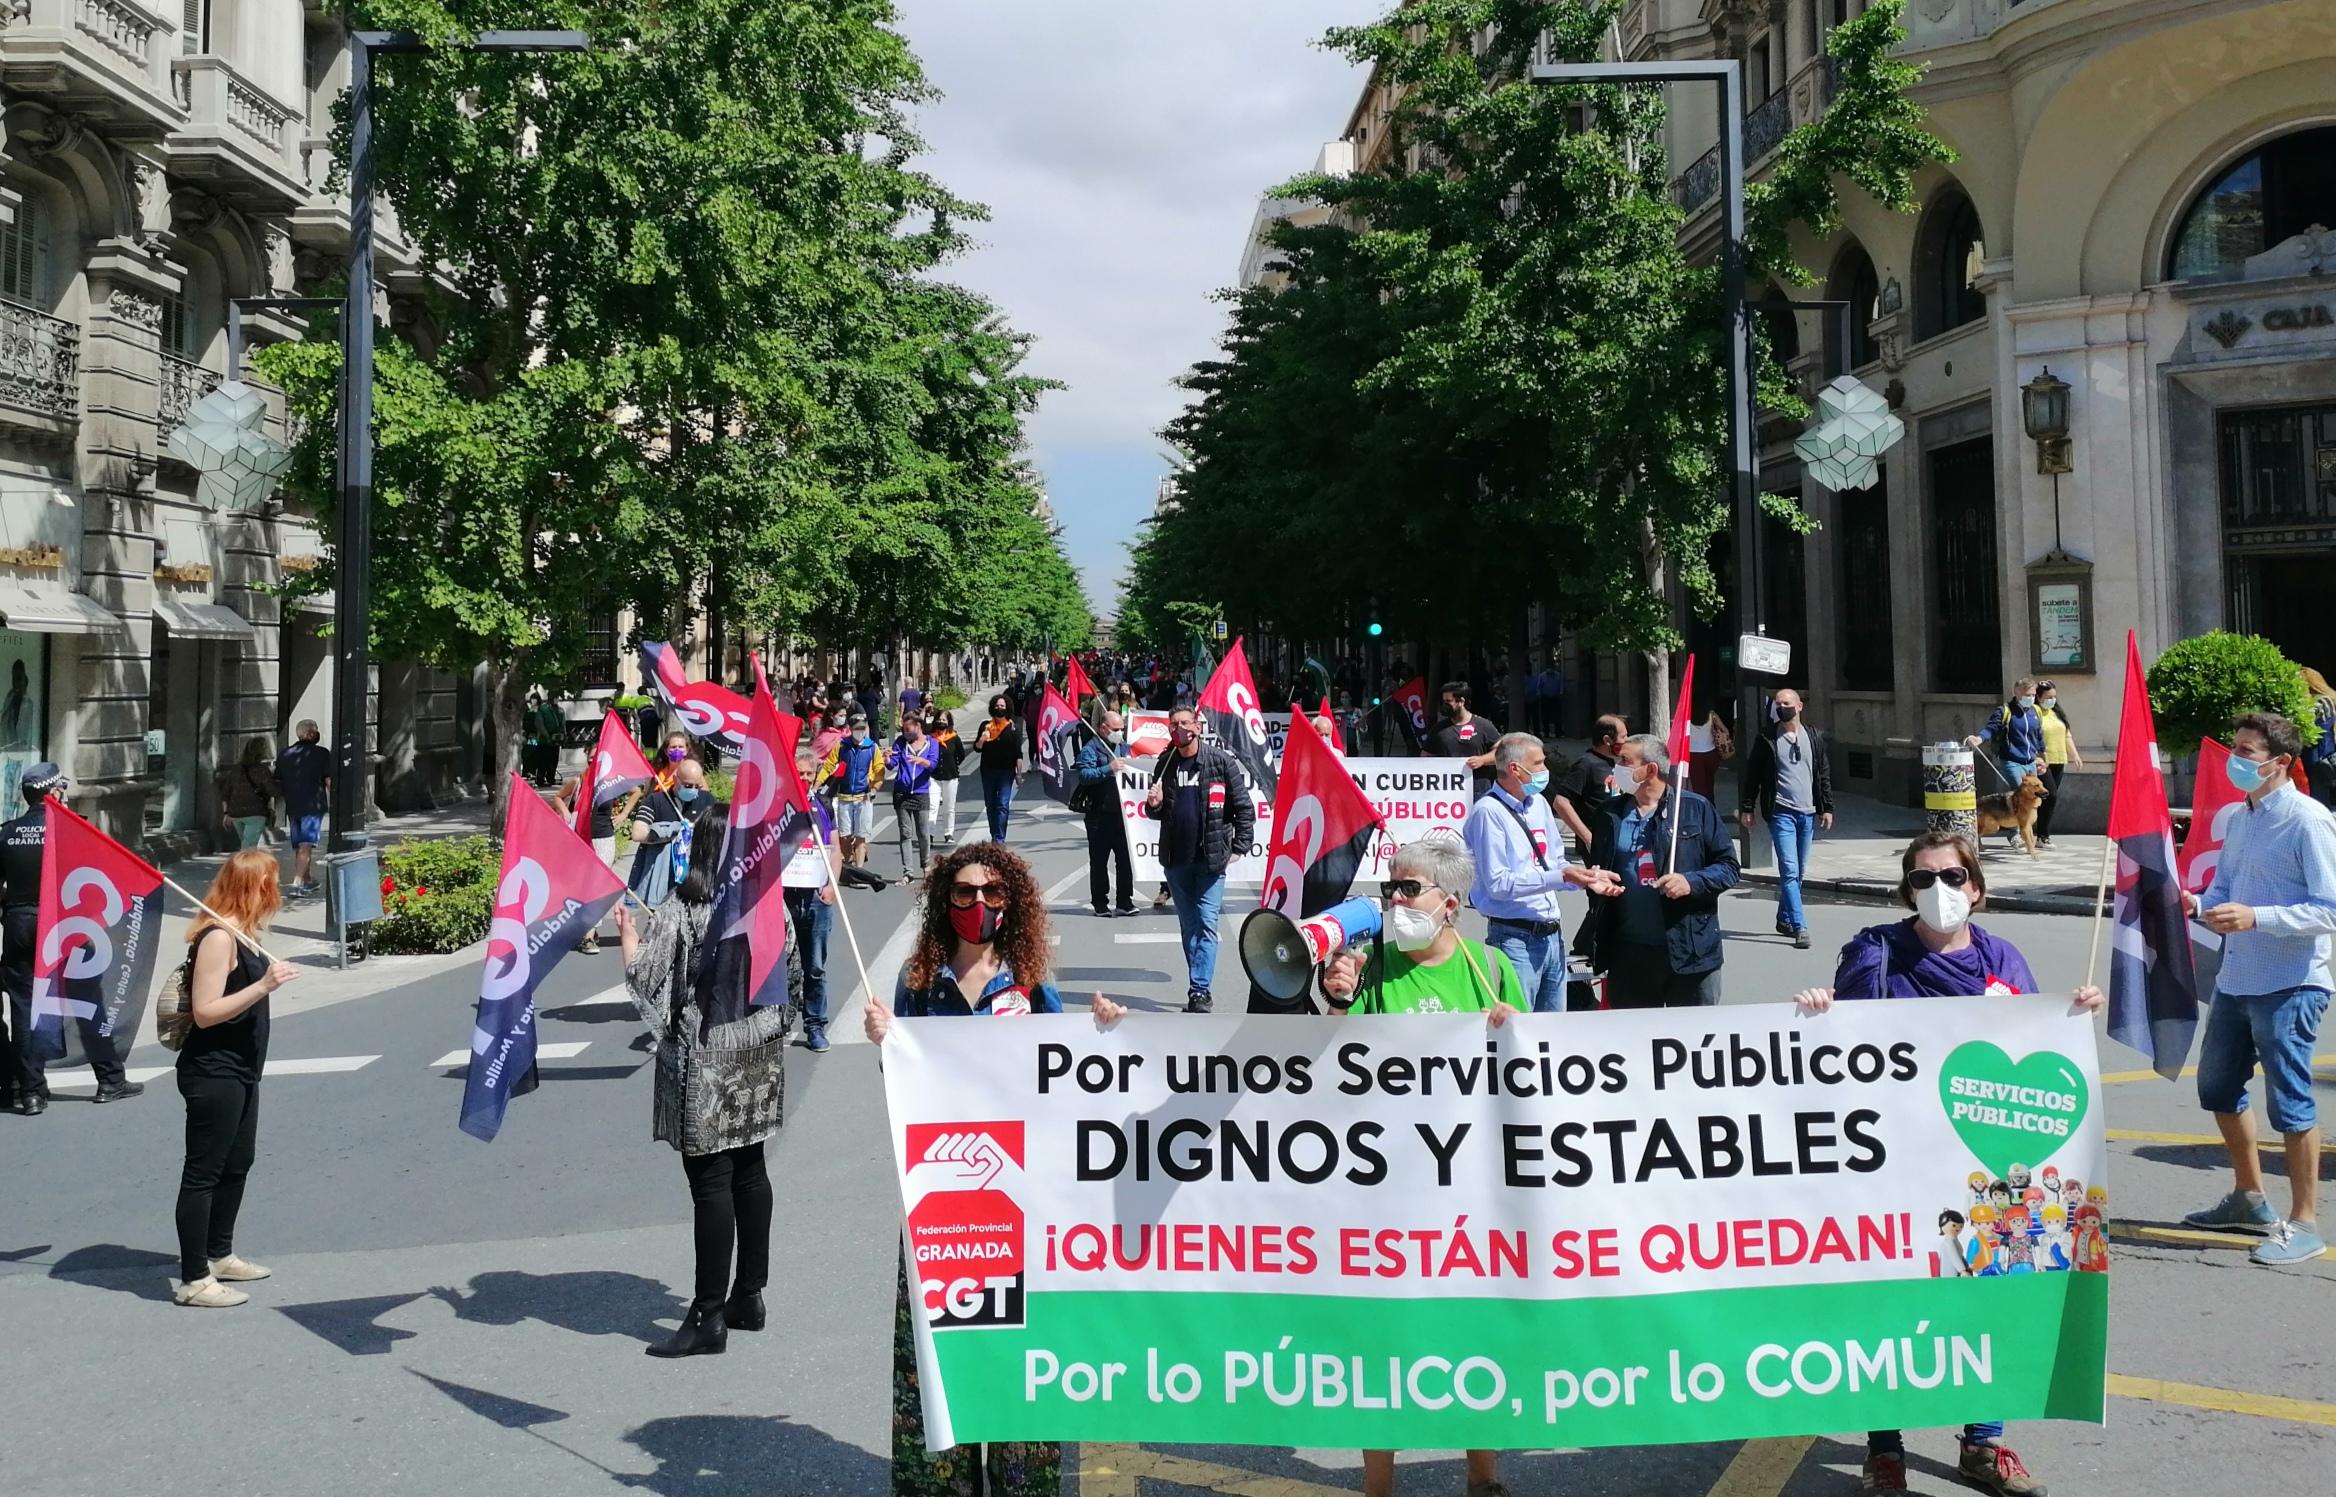 CGT recorre las calles de Granada reivindicando unos «Servicios Públicos dignos y estables»